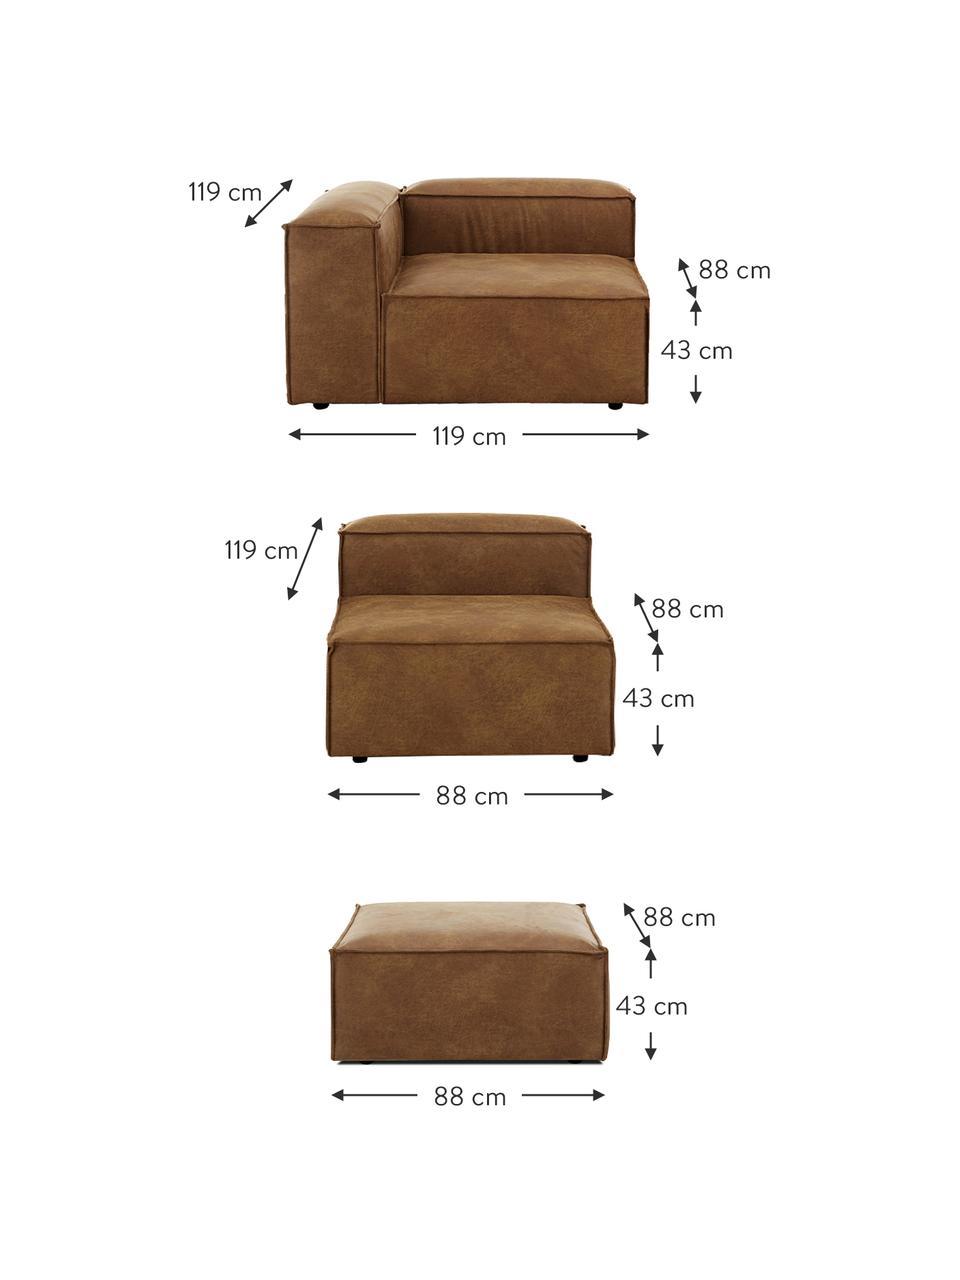 Sofa modułowa ze skóry z recyklingu z pufem Lennon (4-osobowa), Tapicerka: skóra z recyklingu (70% s, Nogi: tworzywo sztuczne Nogi zn, Brązowy, S 327 x G 207 cm